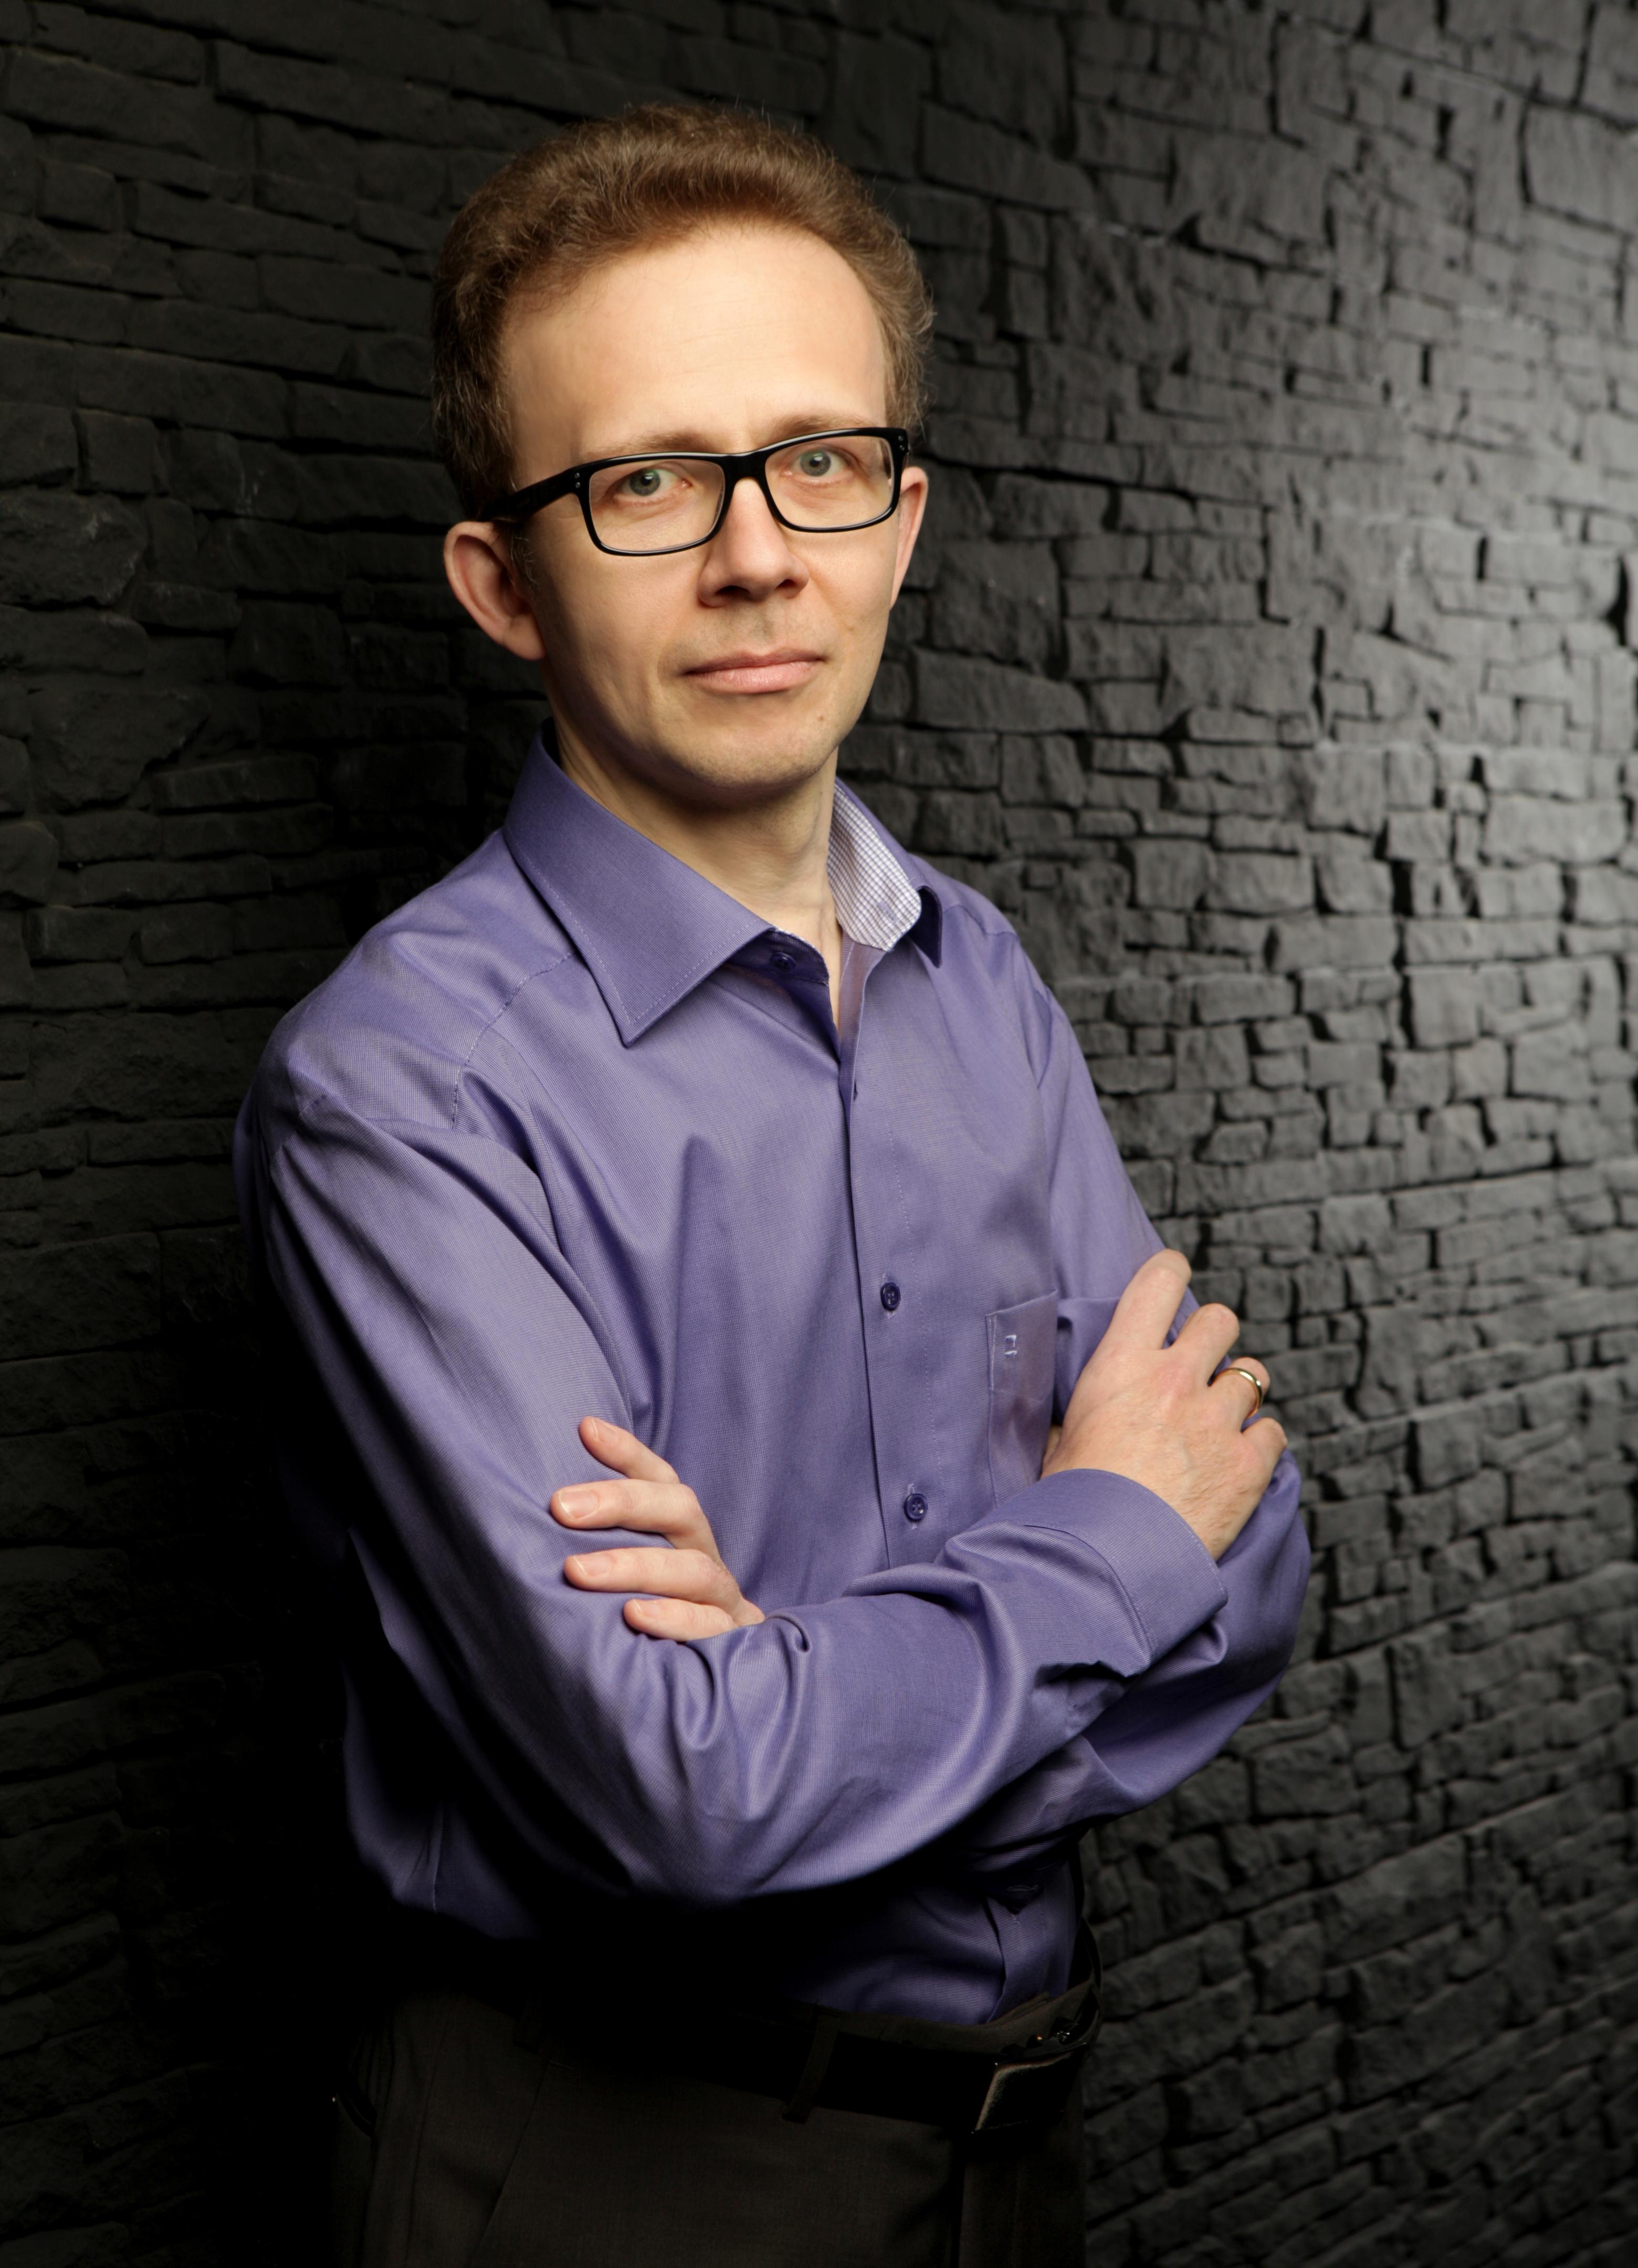 Alexander Stessin